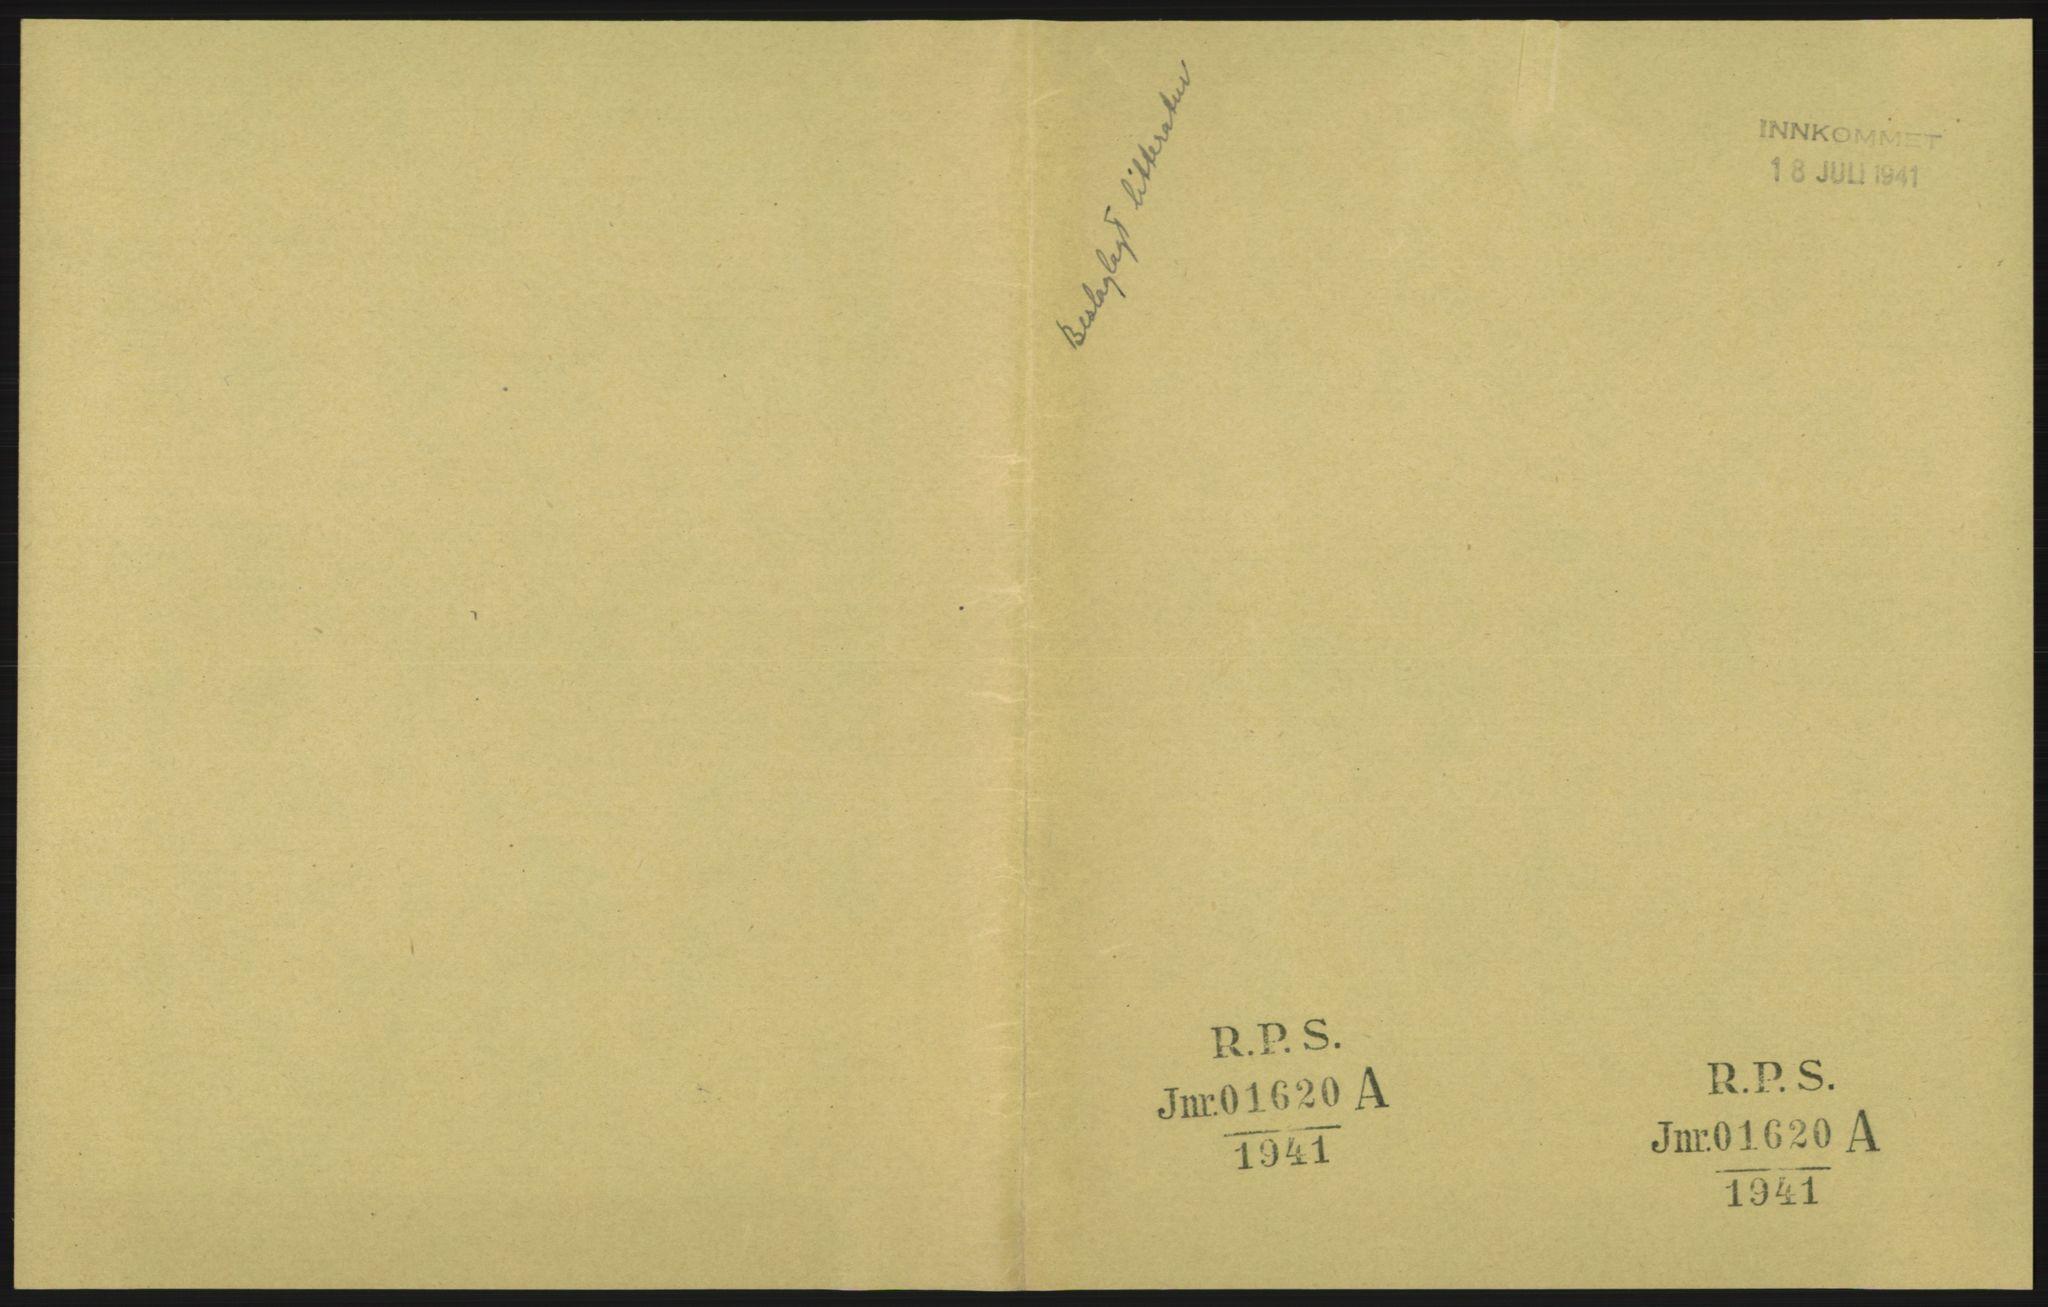 RA, Statspolitiet - Hovedkontoret / Osloavdelingen, F/L0091: Beslaglagt litteratur, 1941-1943, s. 1029